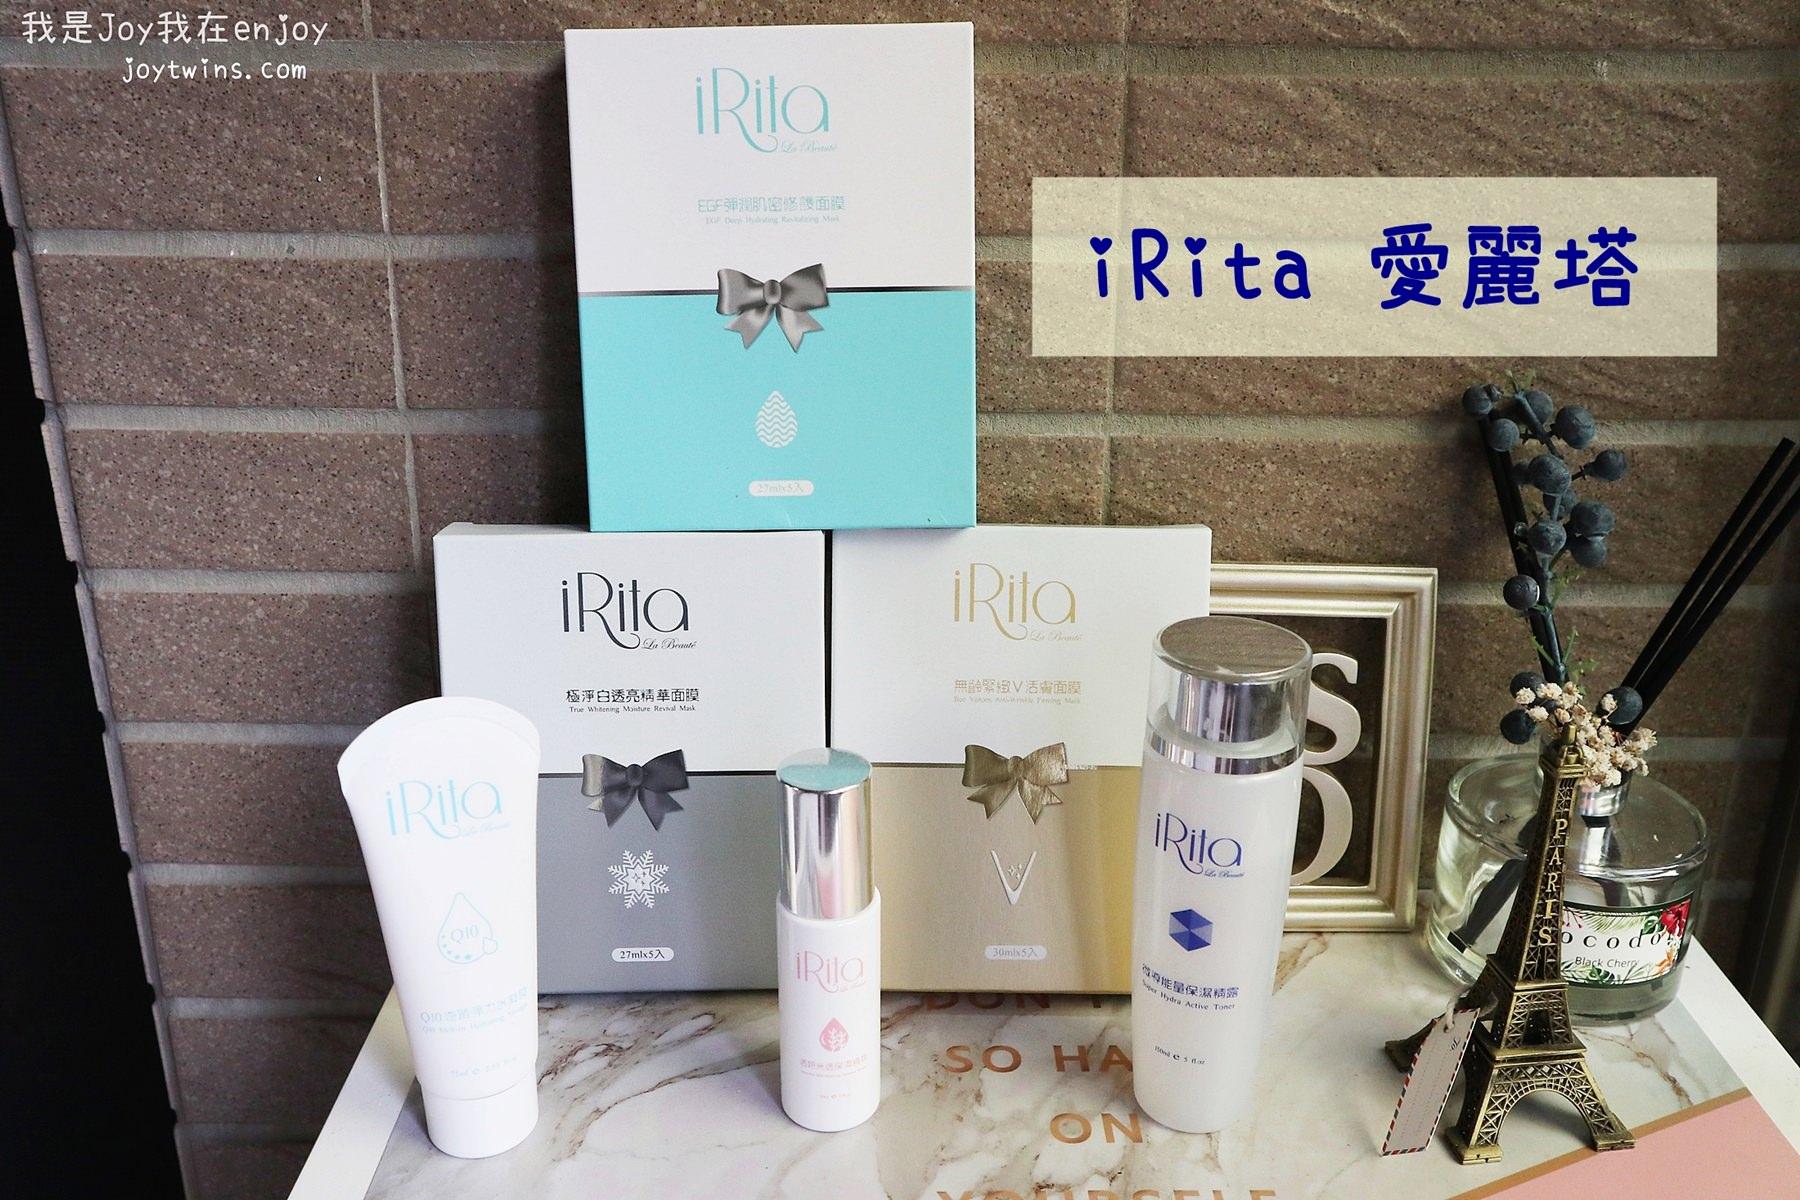 【團購】iRita 愛麗塔 網路超夯保養品牌 讓你感受溫柔呵護的天使肌